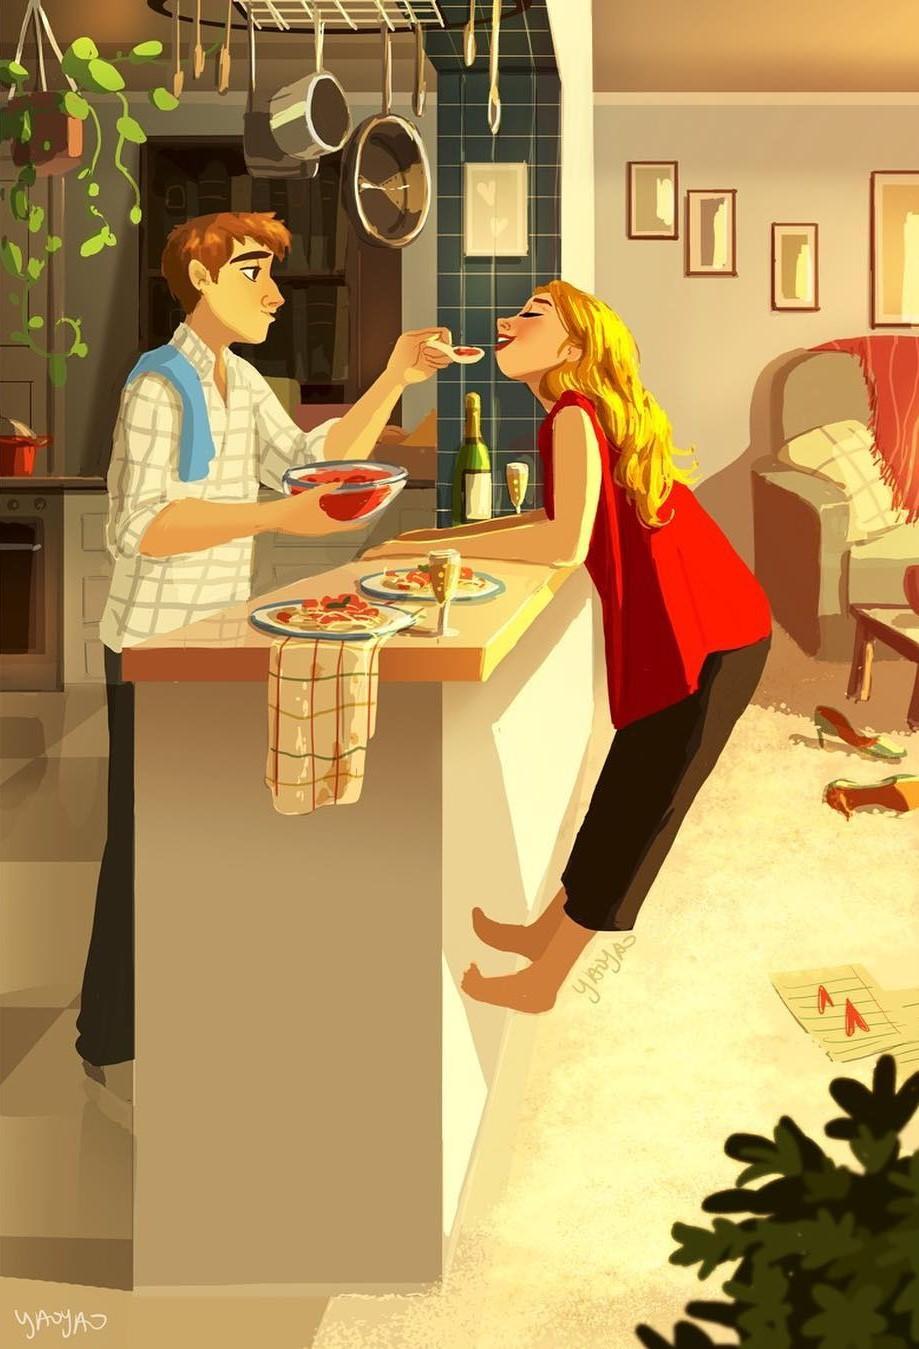 Bộ tranh Tình yêu có màu gì sẽ khiến bạn bất giác mỉm cười vì quá ngọt ngào - Ảnh 3.